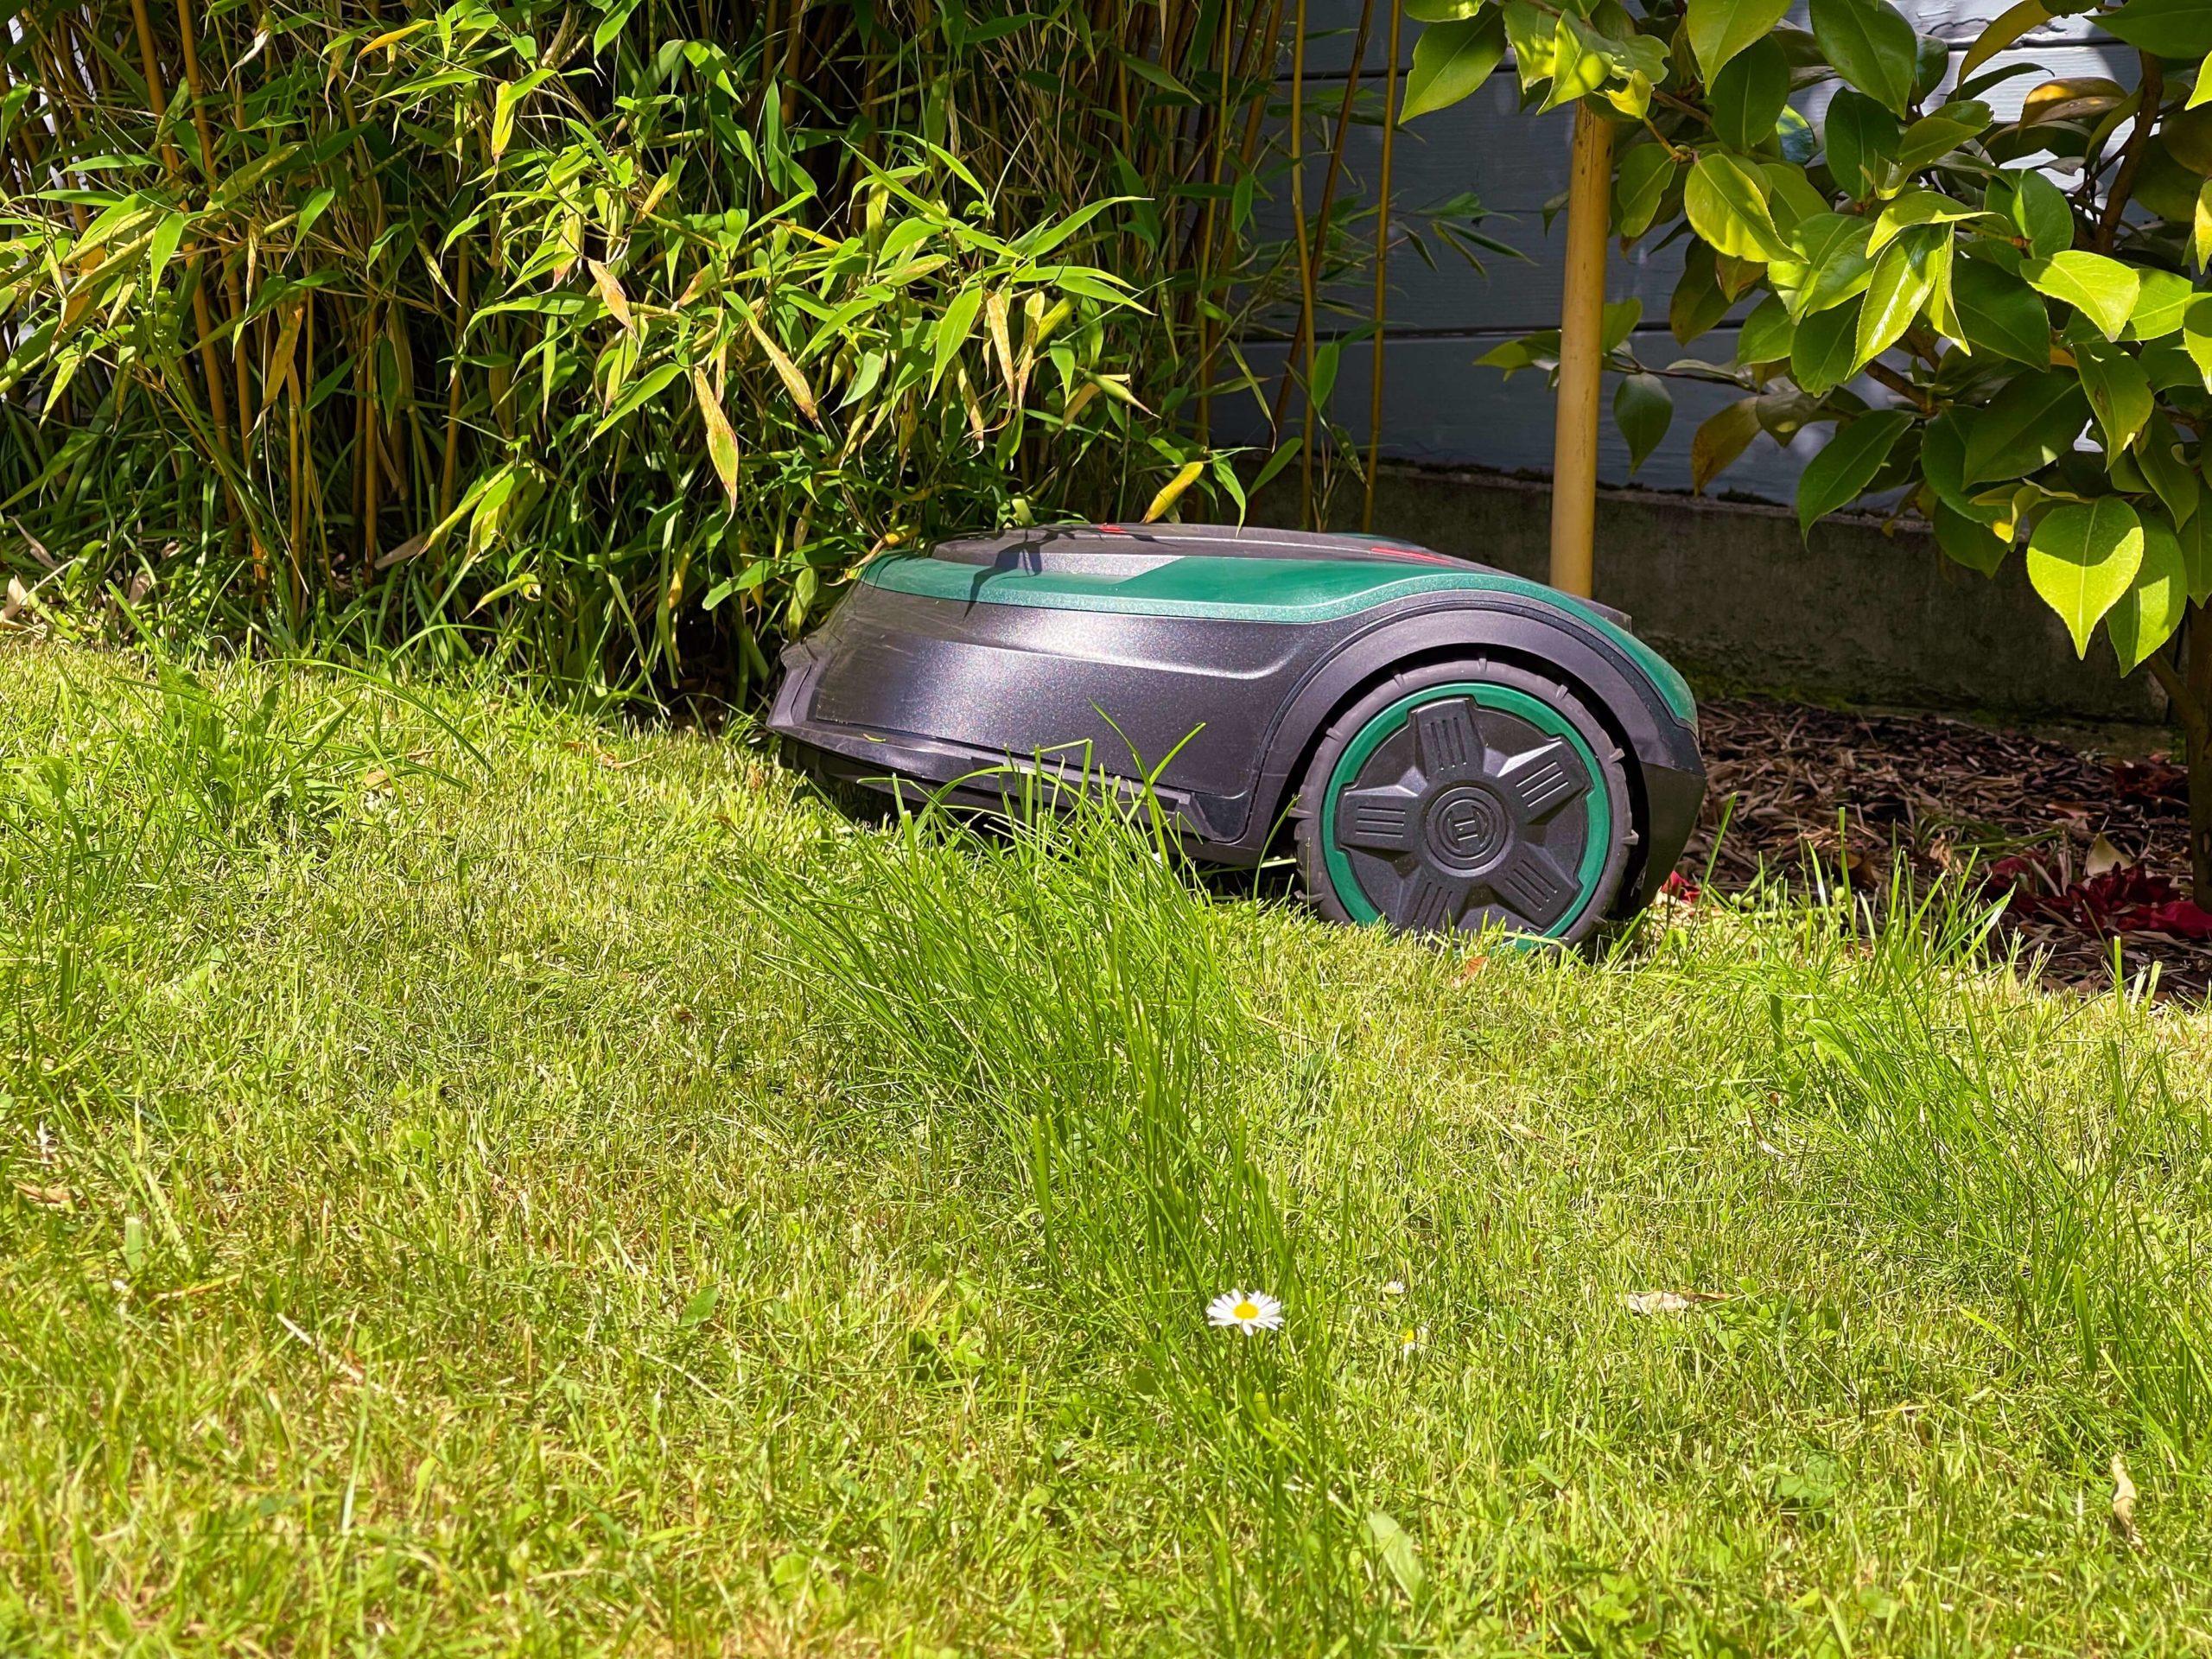 Indego-S-500-Rasenmaeherroboter-von-Bosch-smart-zur-besten-Rasenguete9-scaled Indego S+ 500 Rasenmähroboter von Bosch - Smart zur besten Rasengüte